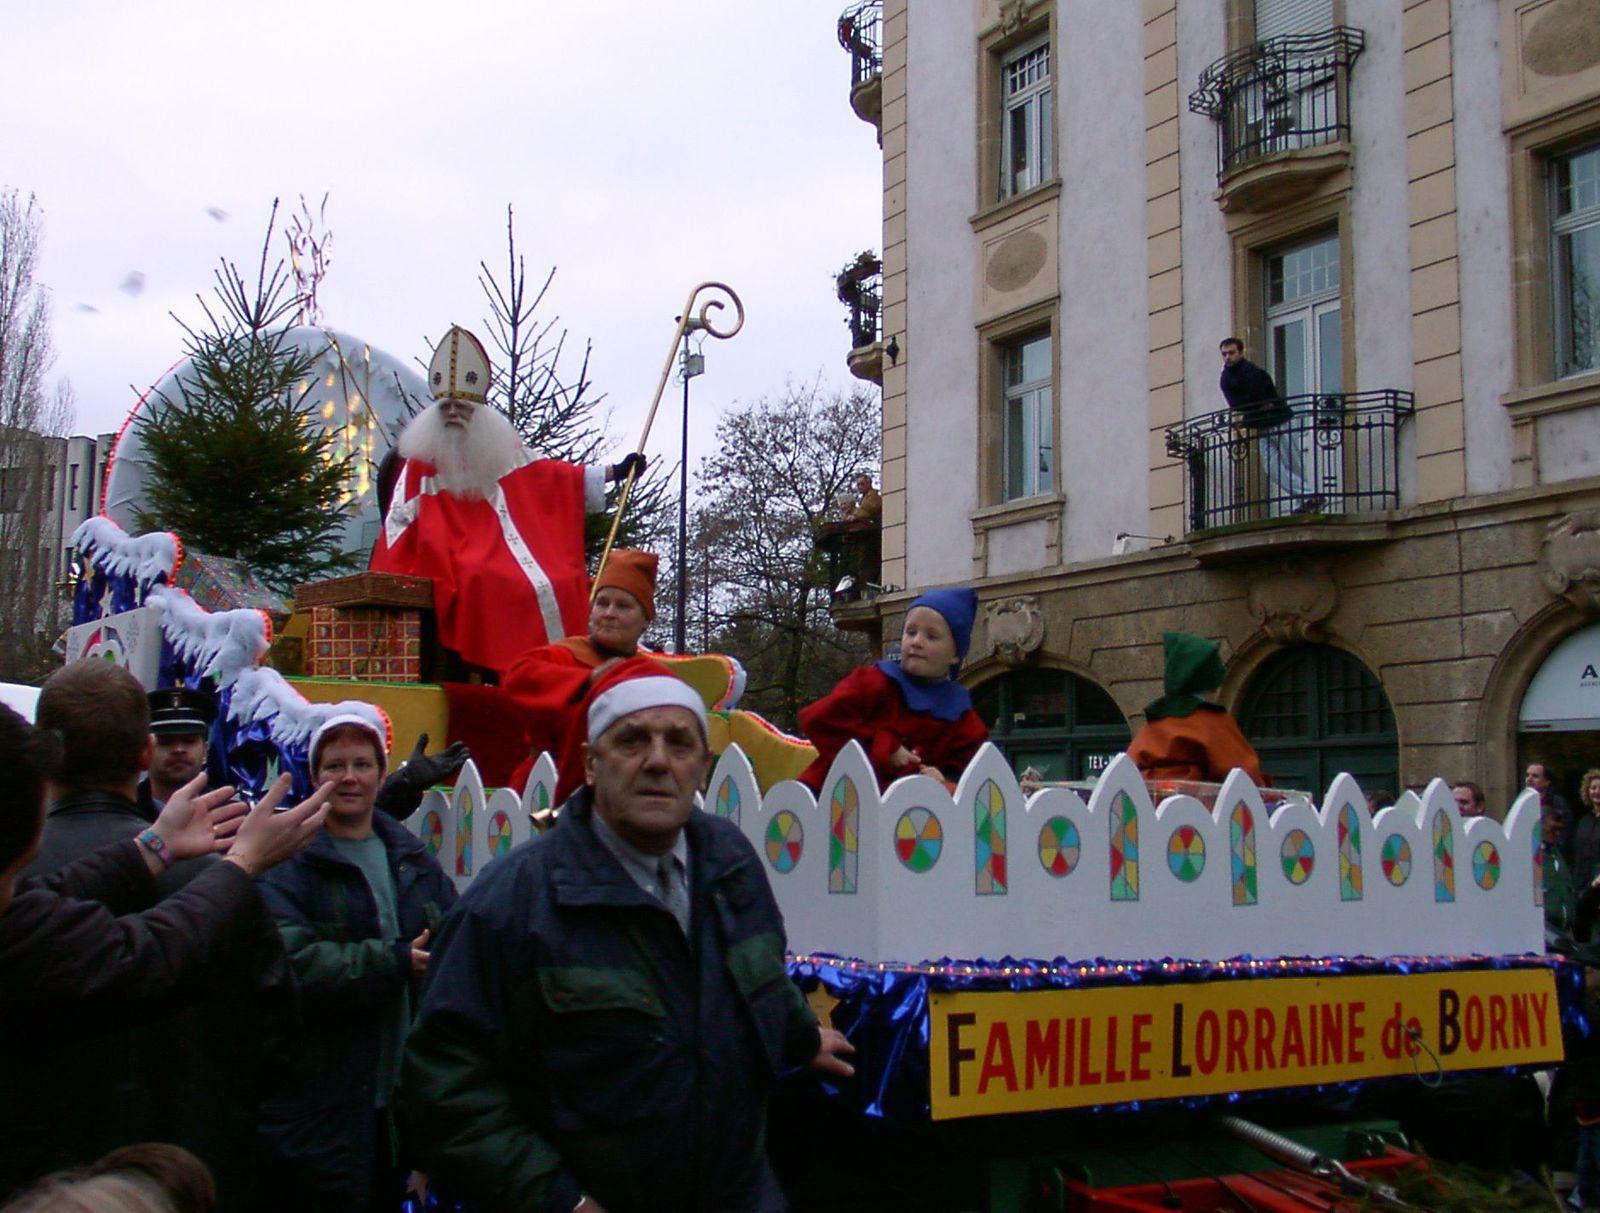 St Nicolas s'occupe des enfants sages en leur distribuant des bonbons pendant que son inséparable acolyte, le Père Fouettard, s'occupe des polissons en leur donnant des coups de bâton. Vous en saurez plus le mois prochain.